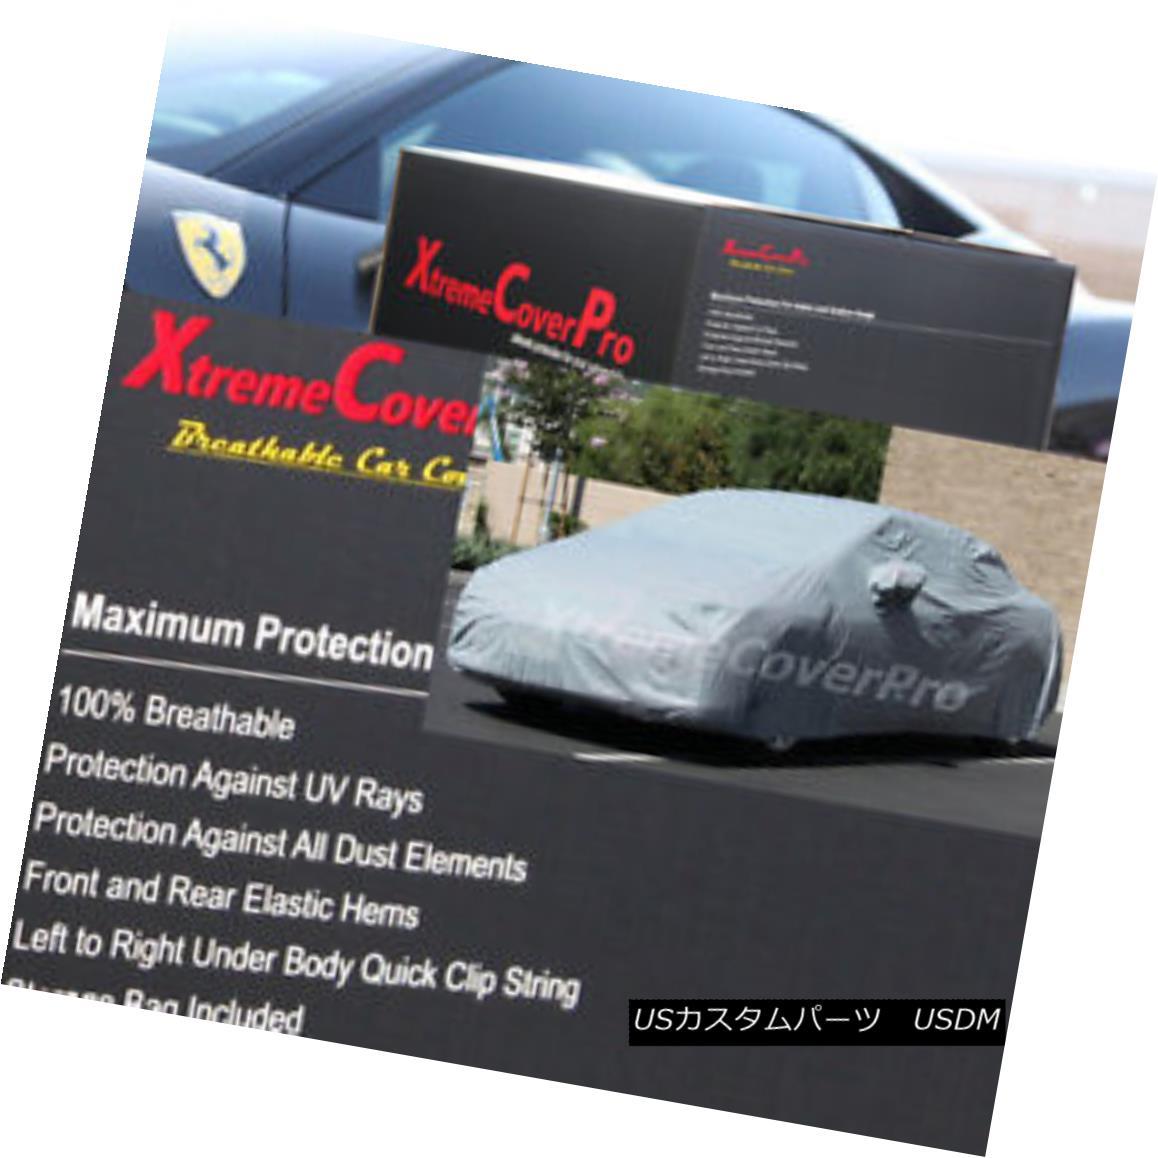 カーカバー 2000 2001 2002 2003 2004 Ford Focus Sedan Breathable Car Cover 2000 2001 2002 2003 2004フォードフォーカスセダン通気性車カバー